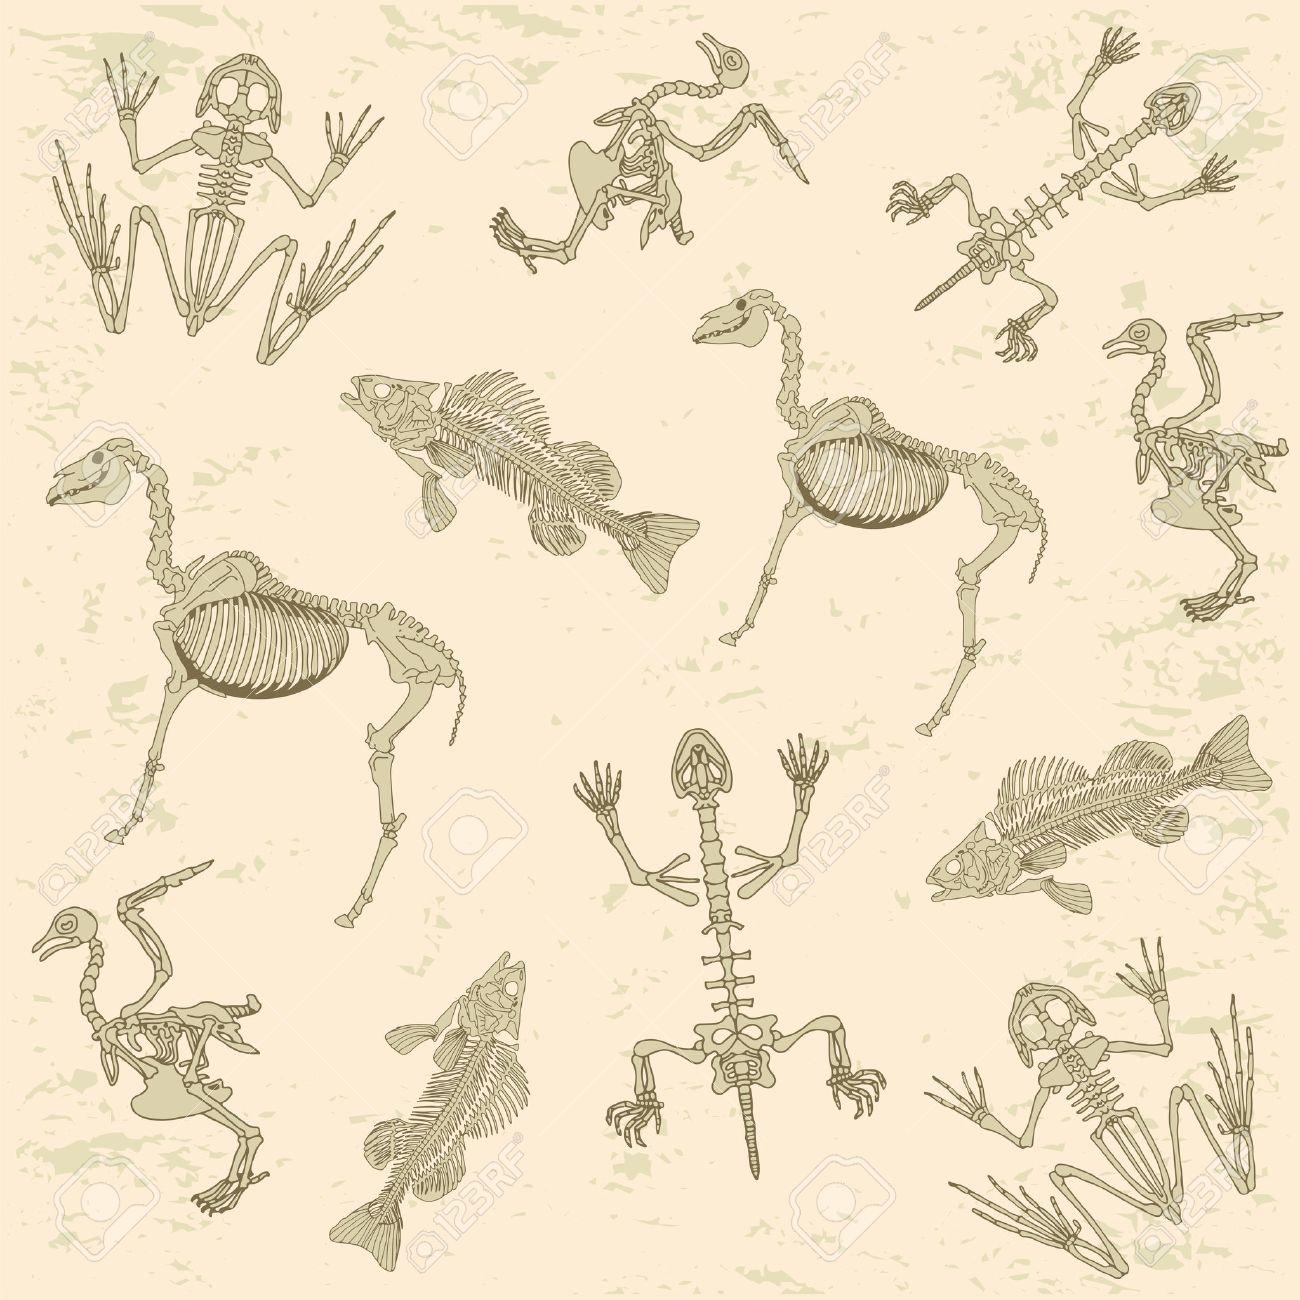 Tiere Anatomie, Skelett Des Pferdes, Taube, Frosch Und Schildkröte ...